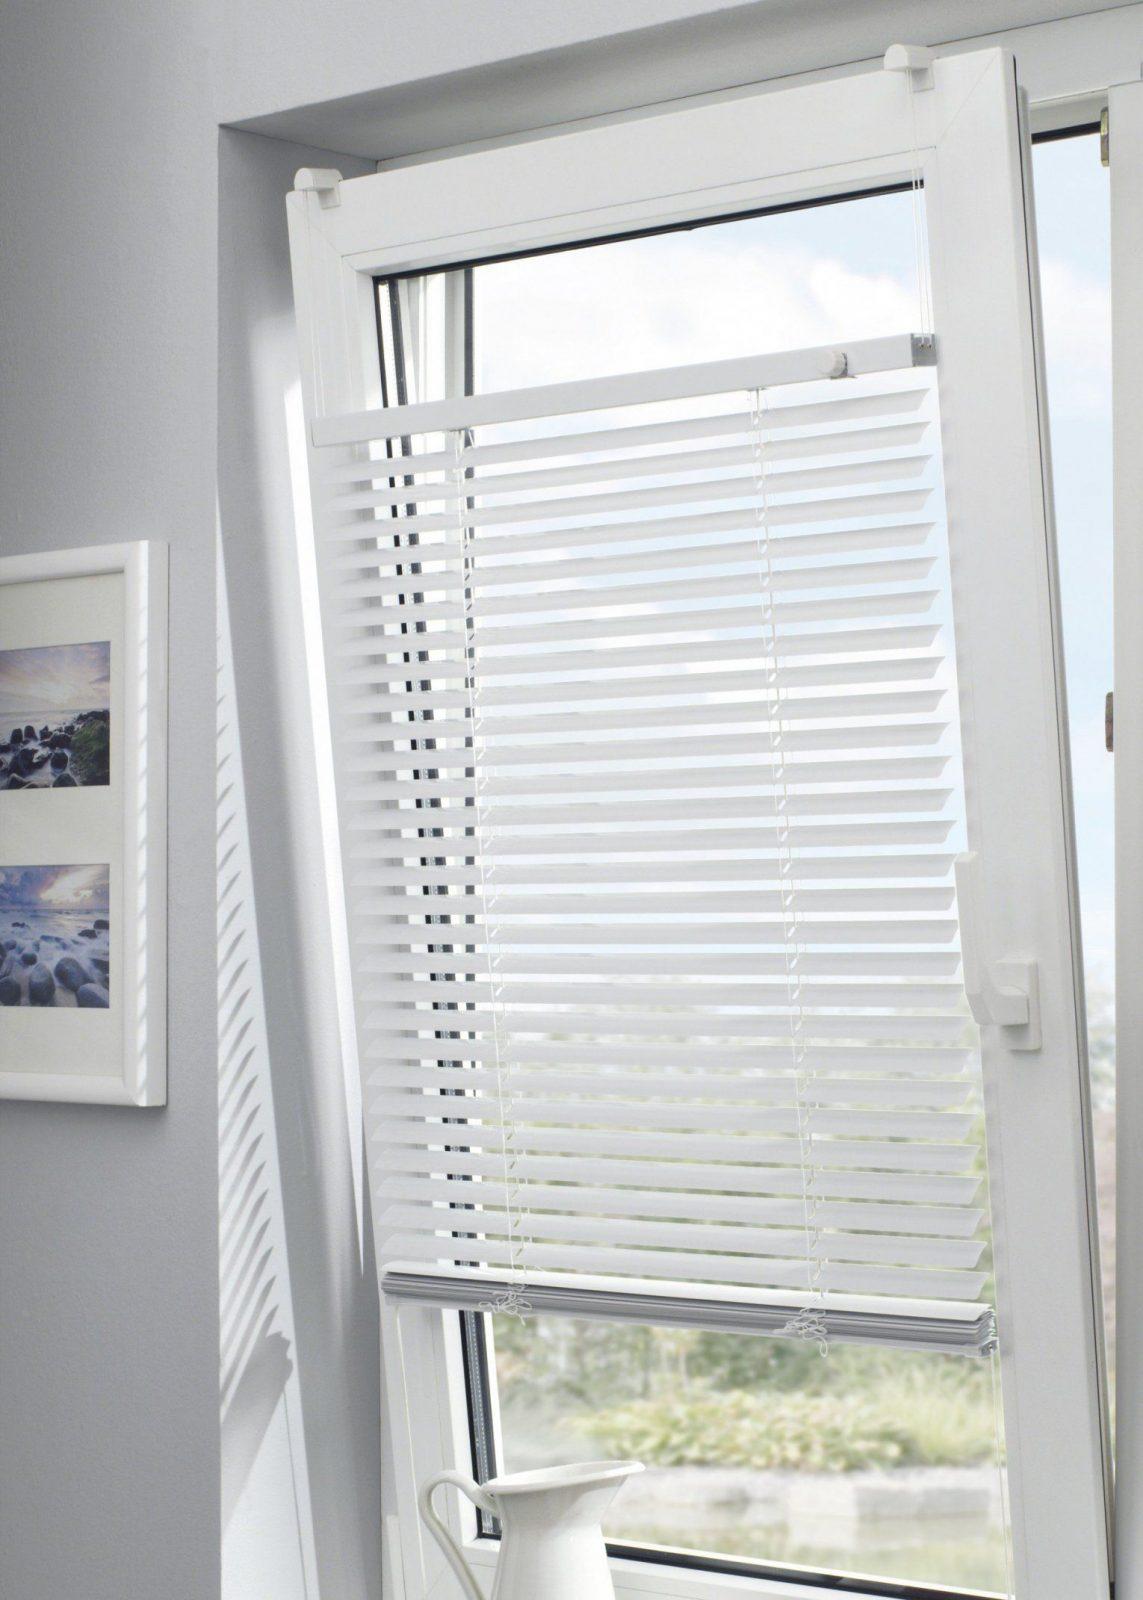 Fenster Rollos Für Innen Ohne Bohren Zq26 – Hitoiro von Fenster Jalousien Innen Ohne Bohren Photo